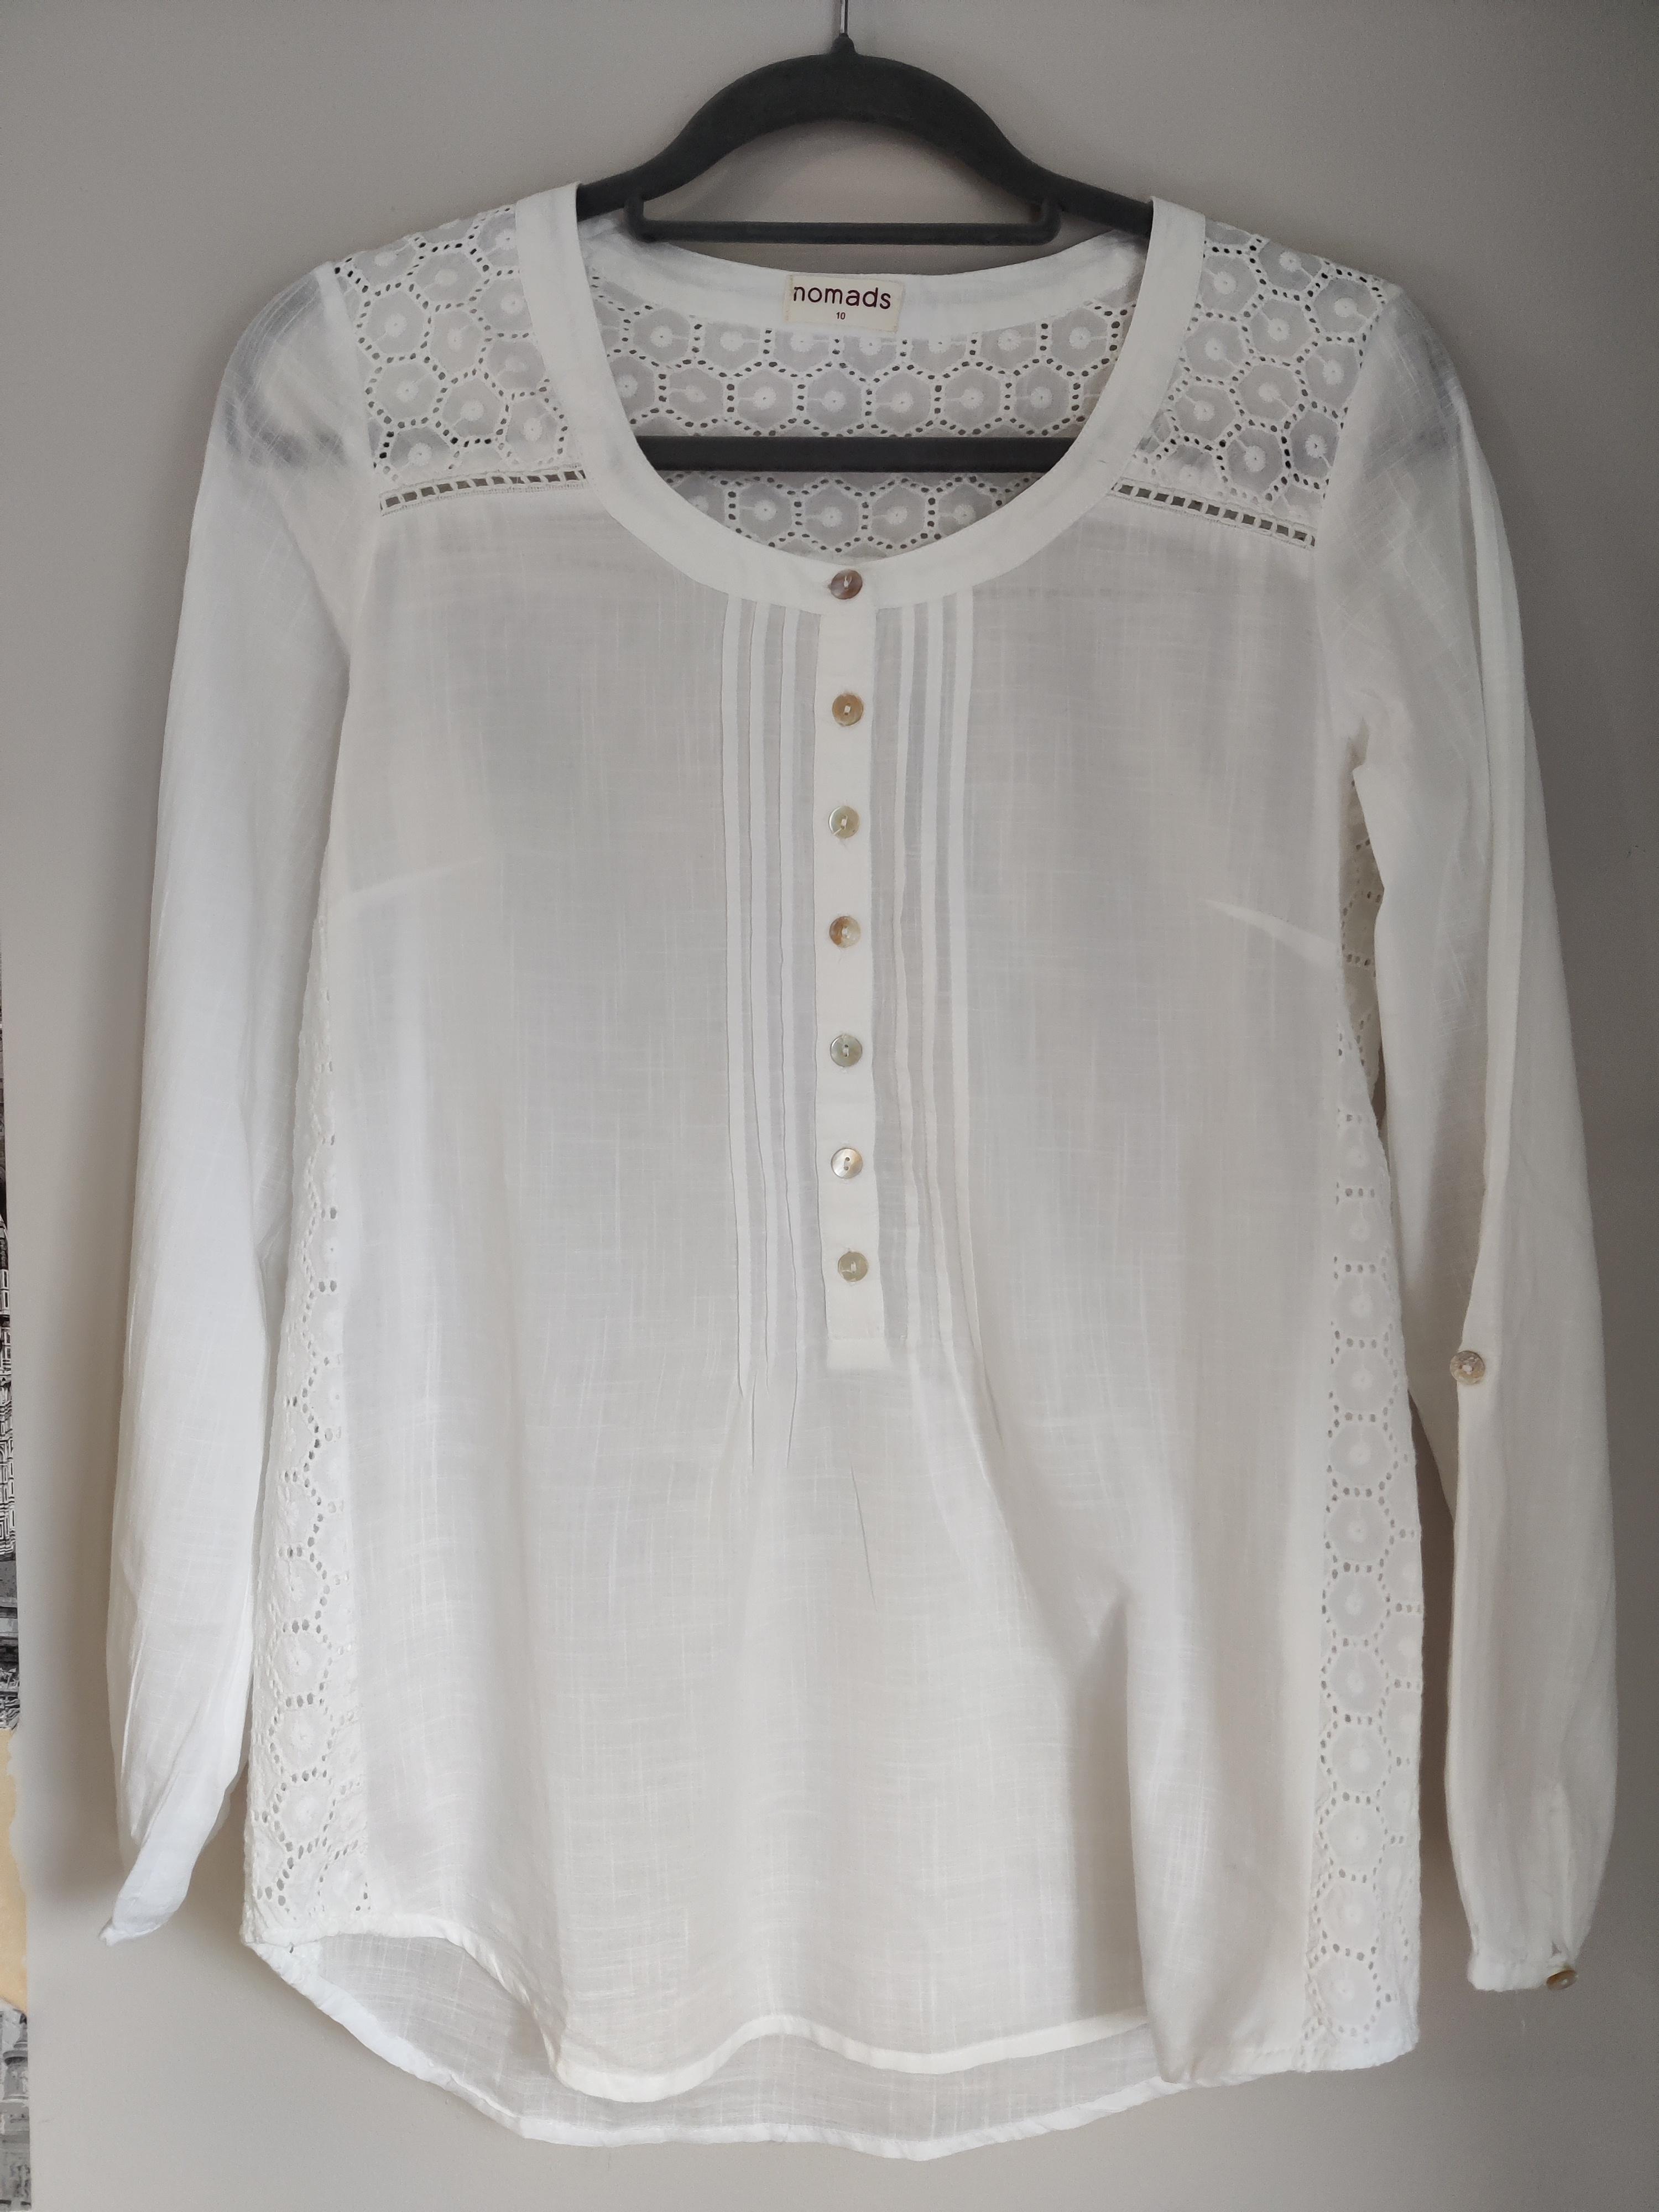 Image of Nomads White blouse